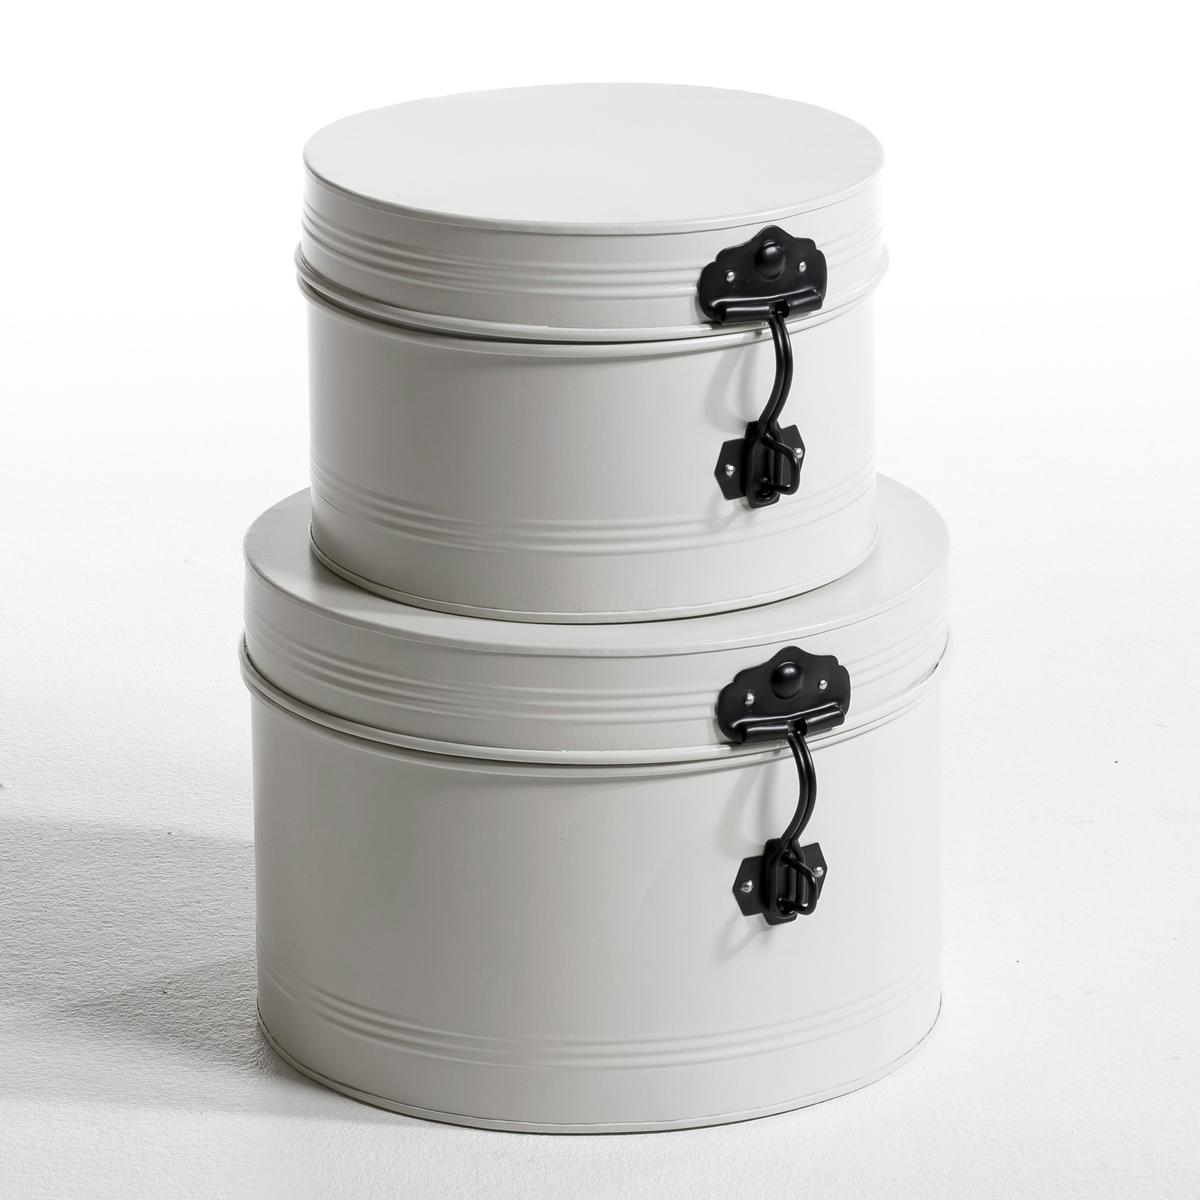 Круглые коробки , 2 штКоробки для шляп, 2 шт, складные. На защёлке. Металл, лакированное покрытие. Маленькая: ? 26 x В. 16,5 см, большая: ? 32 x В. 22 см.<br><br>Цвет: белый<br>Размер: комплект из 2